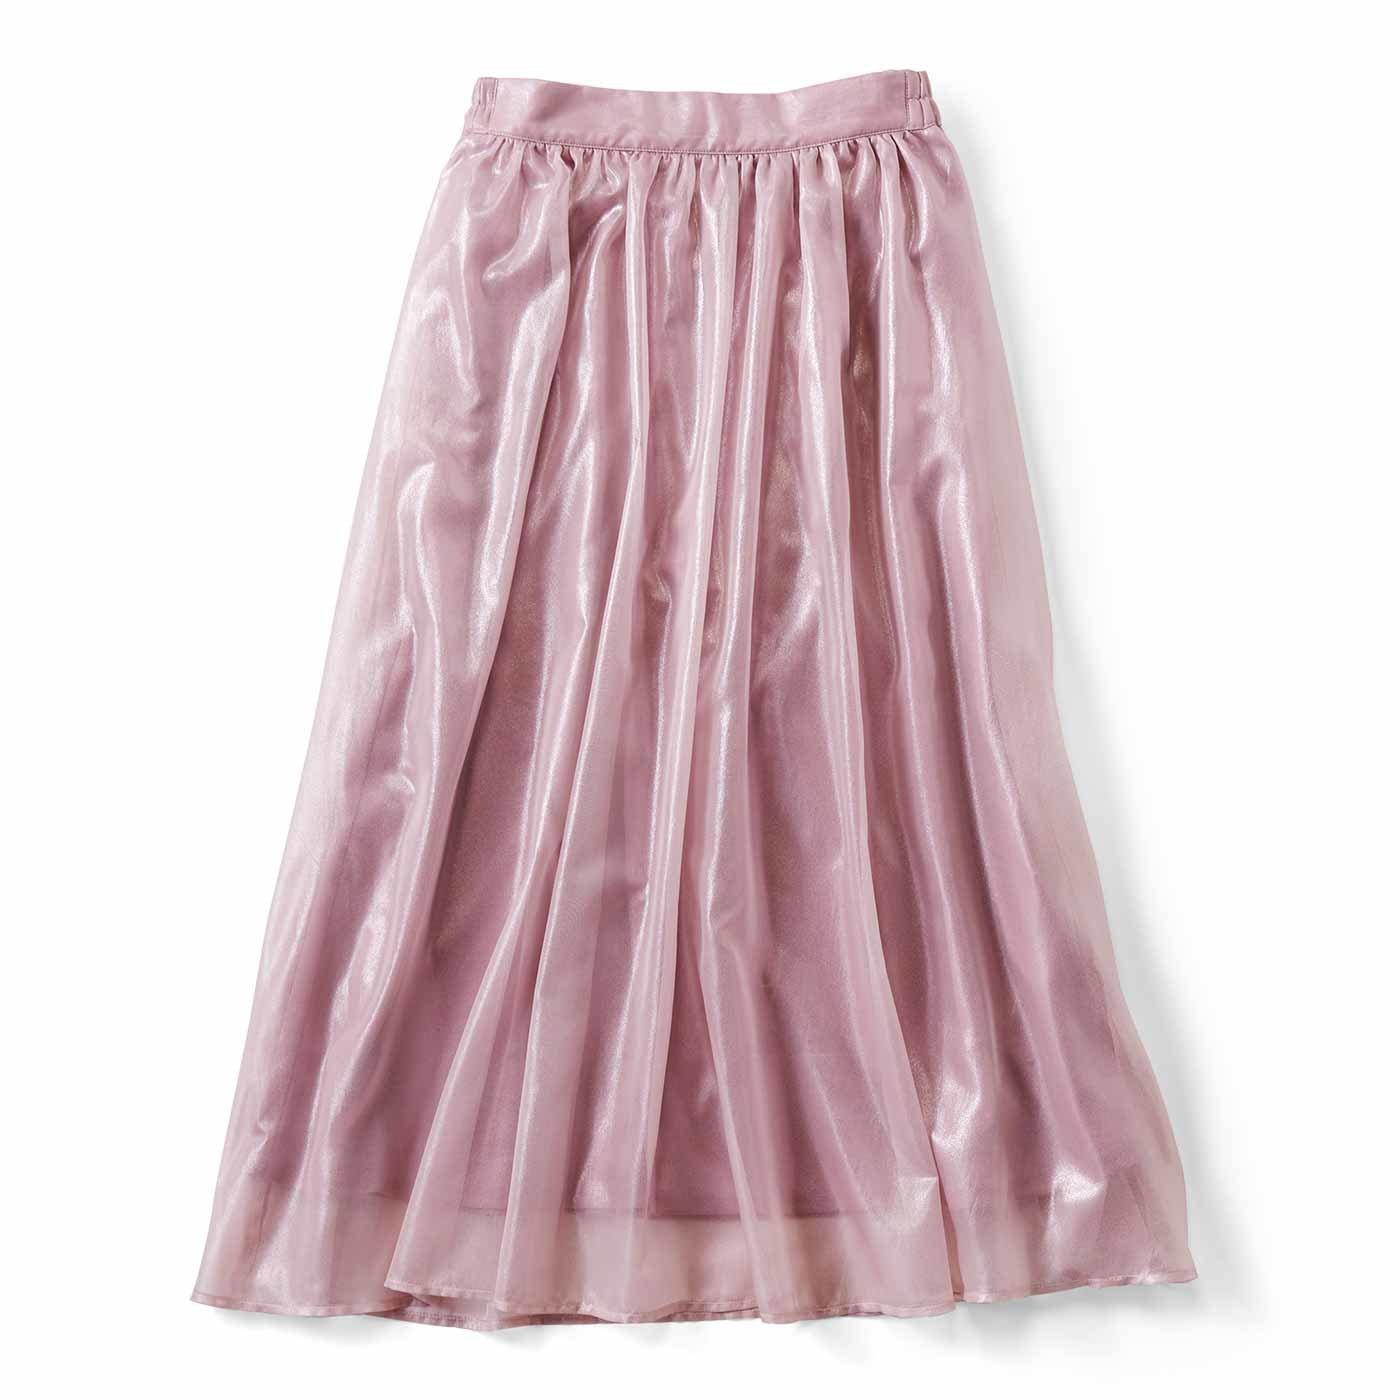 ふわふわ軽やか 箔プリントのギャザースカート〈ラベンダー〉